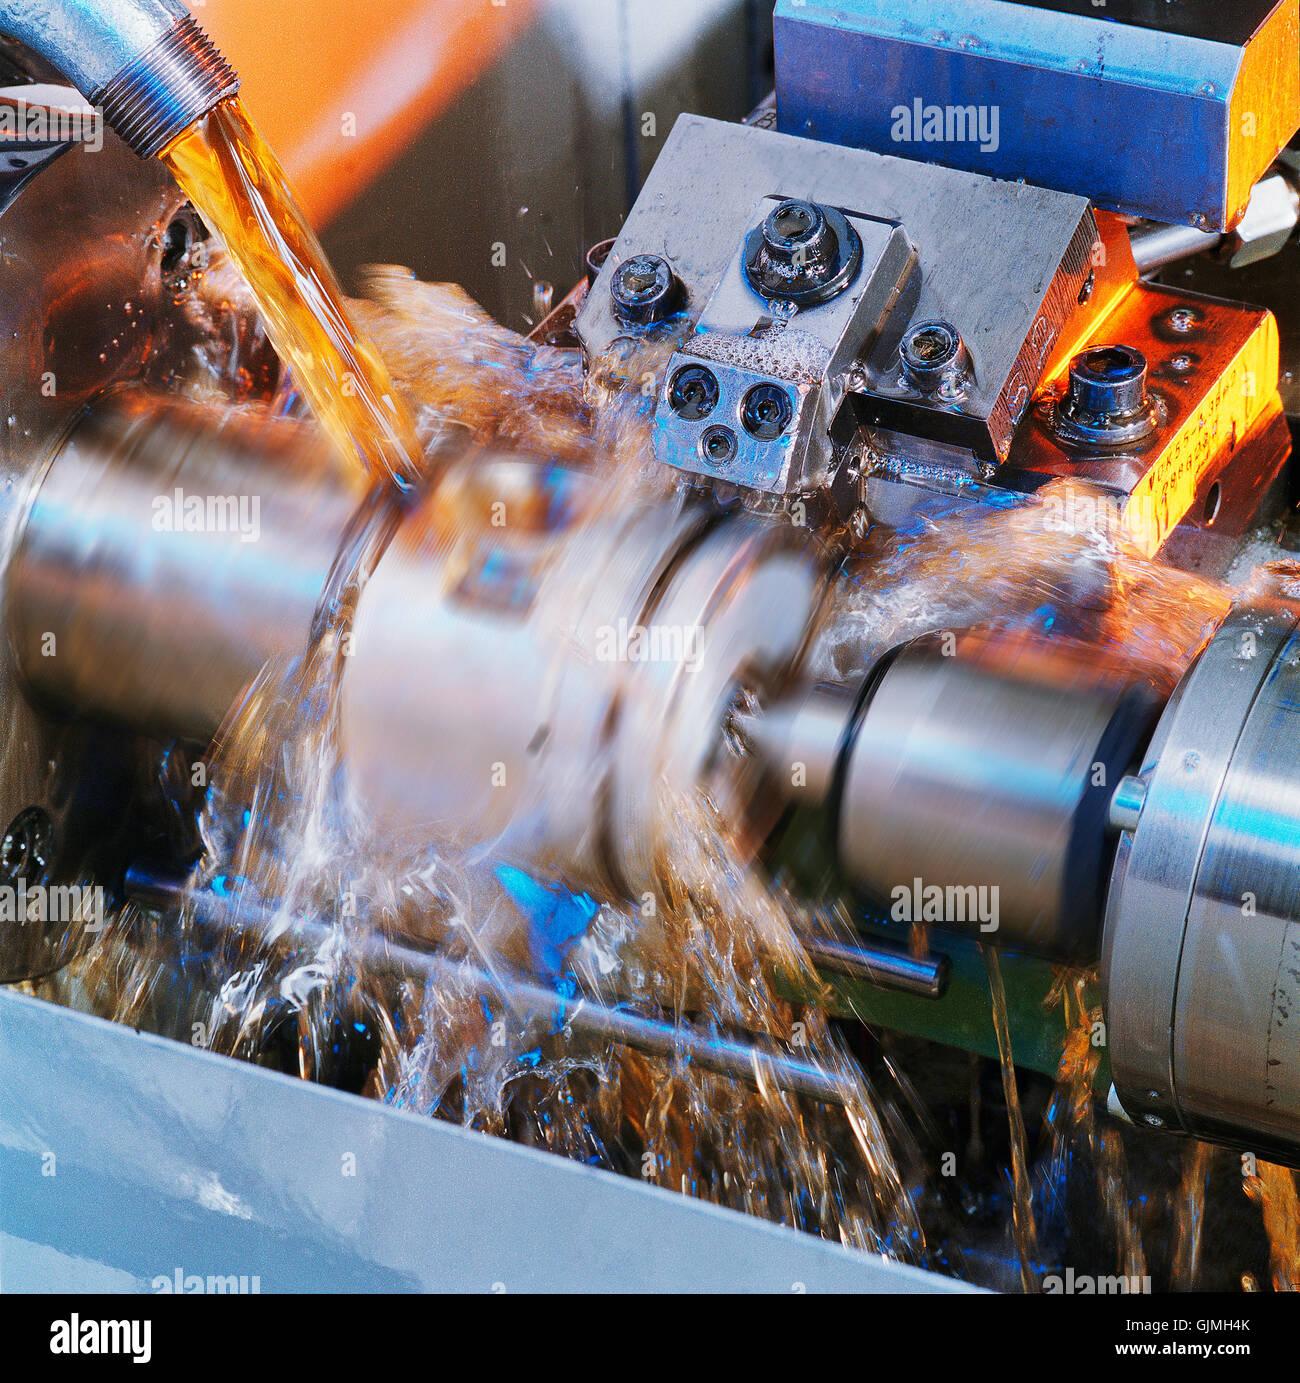 A indústria de fabricação de metal Imagens de Stock